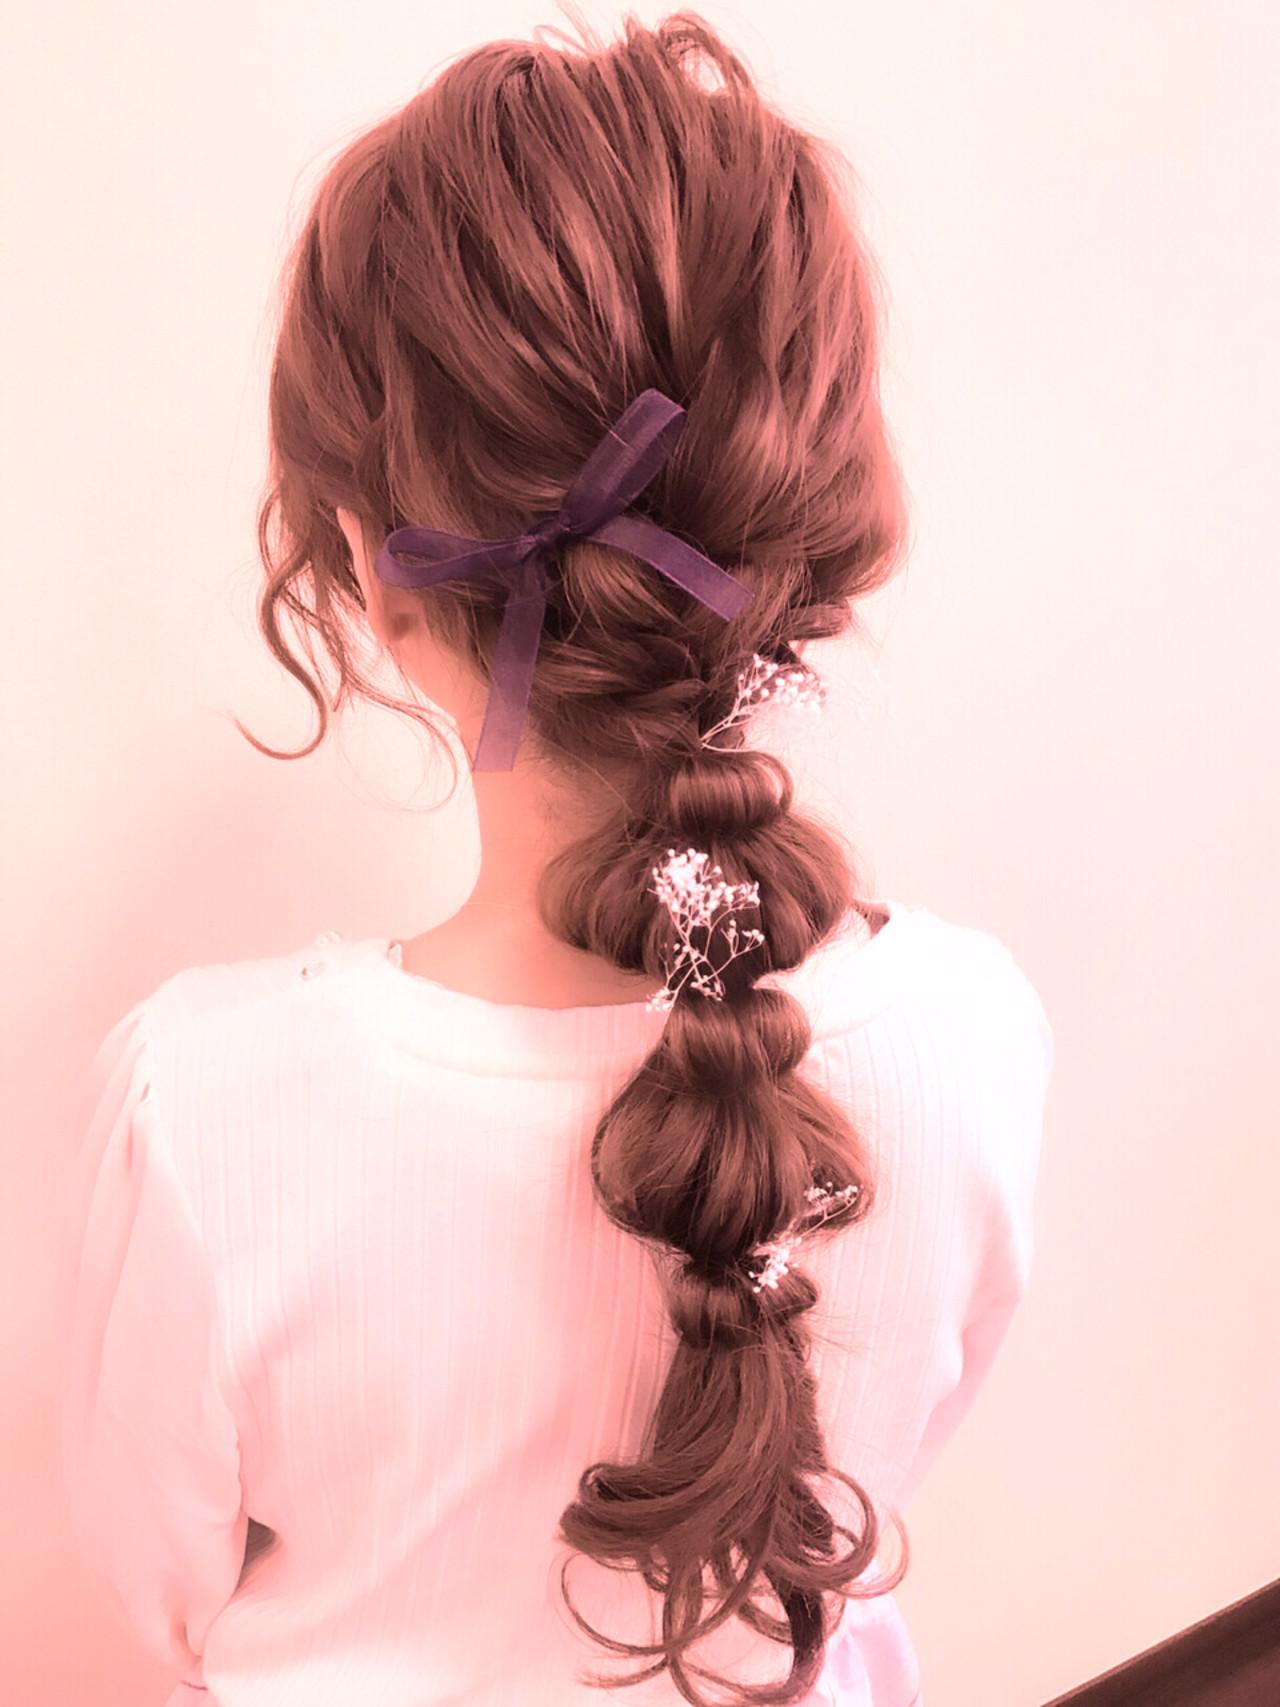 前髪ありなしどちらも可愛い♡どちらでも使い分けられるアレンジ集 小田原望美